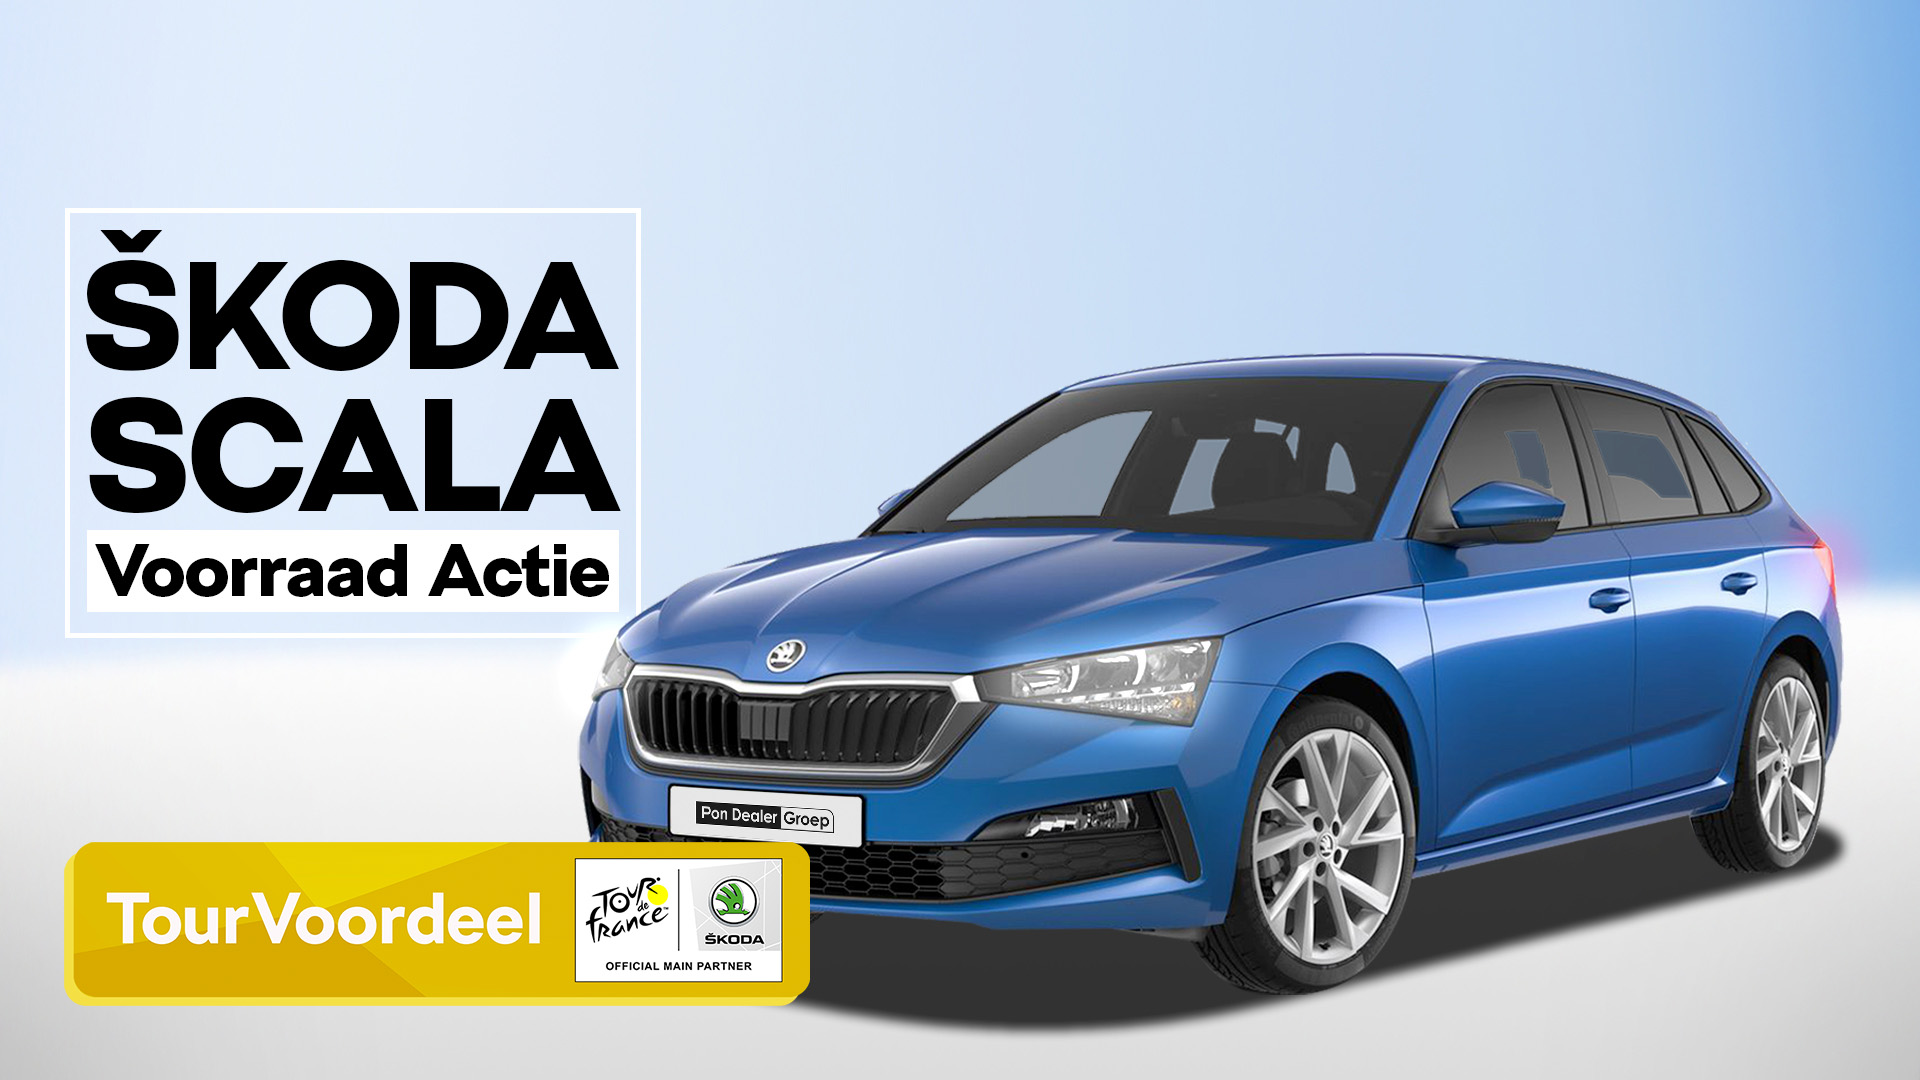 SKODA_SCALA_voorraad_actie_bij_Pon_Dealer_-_Visual_1_-_Tourvoordeel.jpg